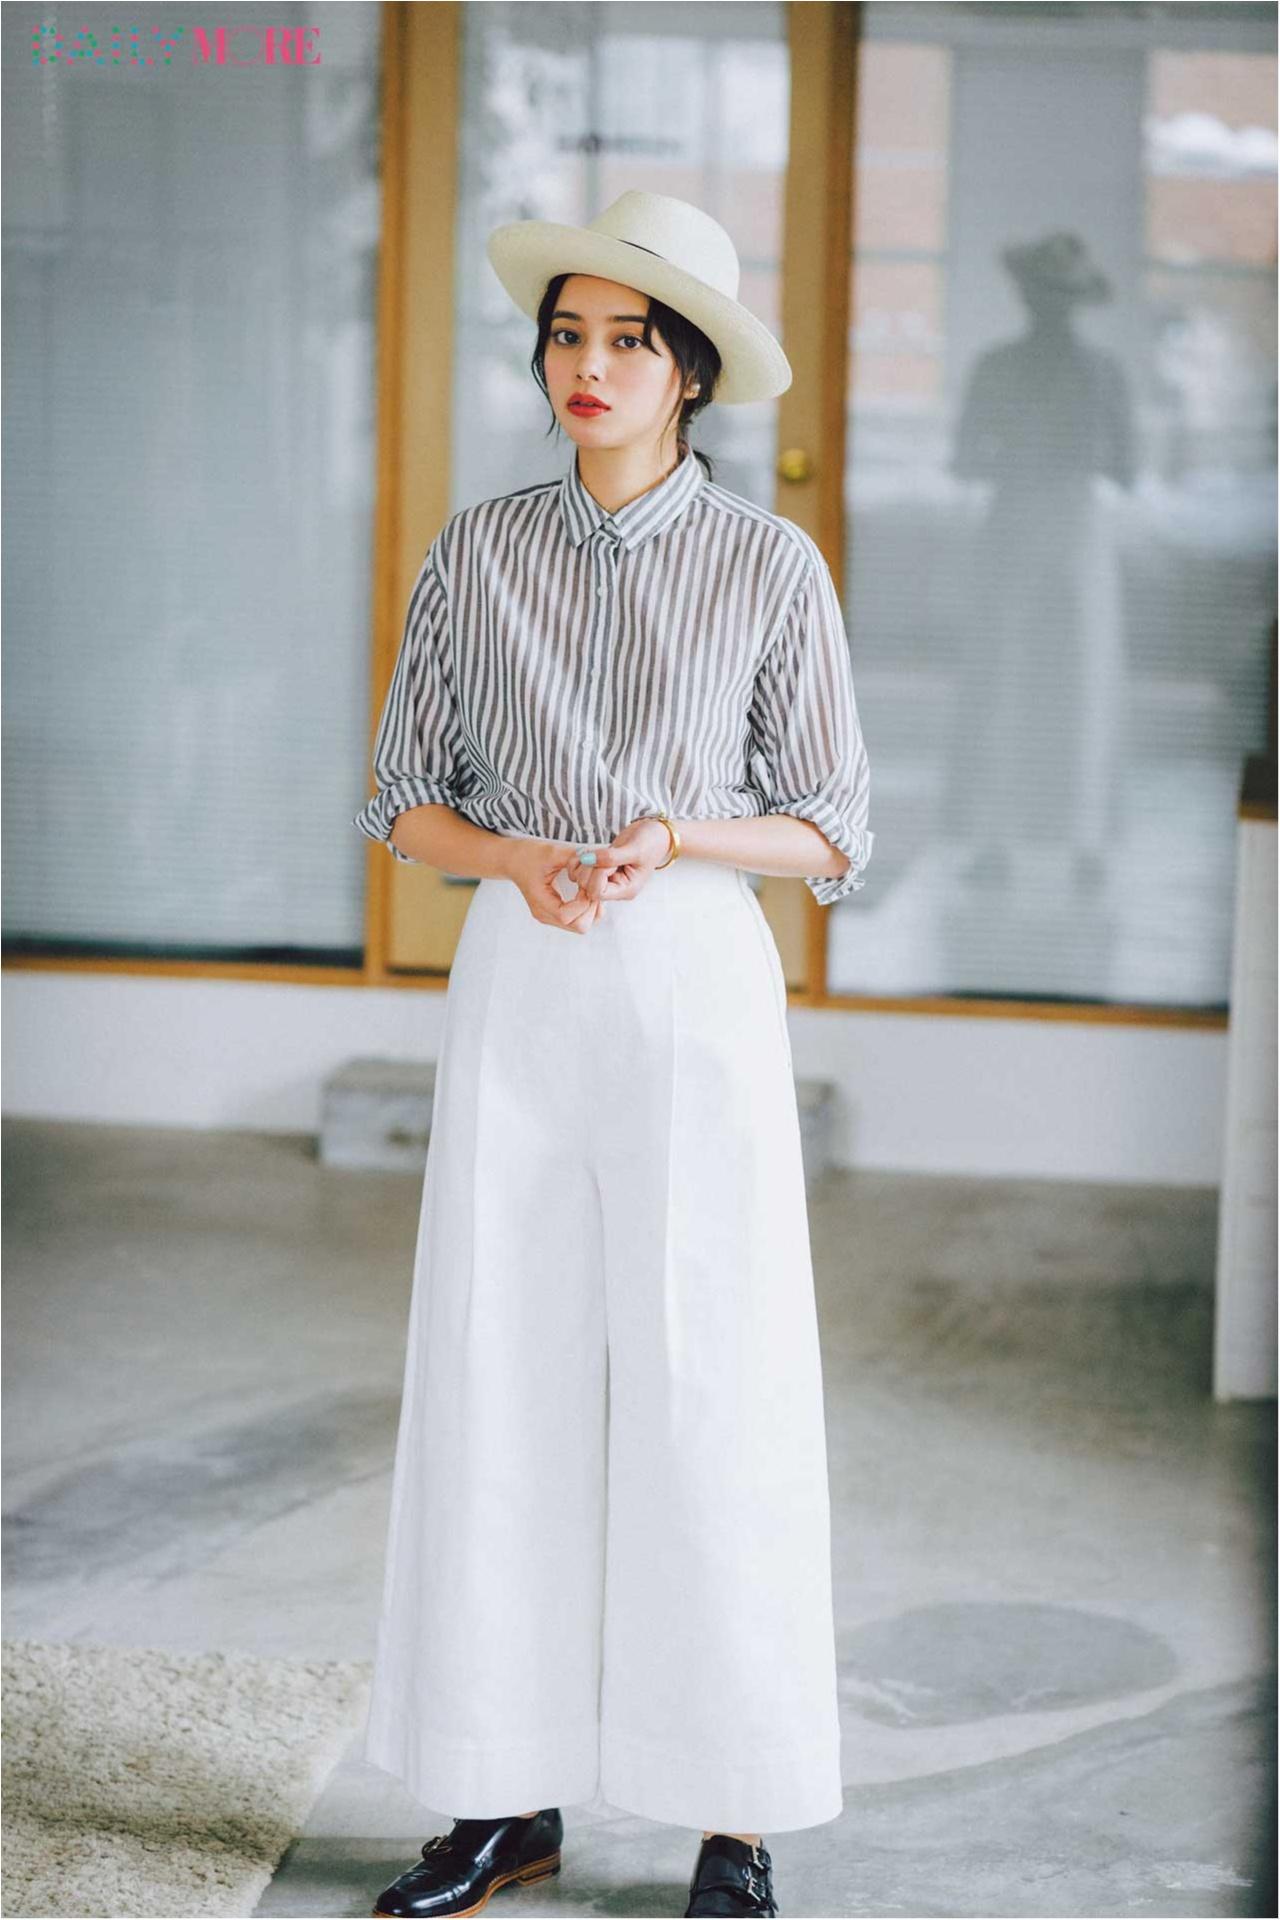 【今日のコーデ/岸本セシル】ストライプシャツ×ワイドパンツ、白っぽトーンでとびきり爽やかに!_1